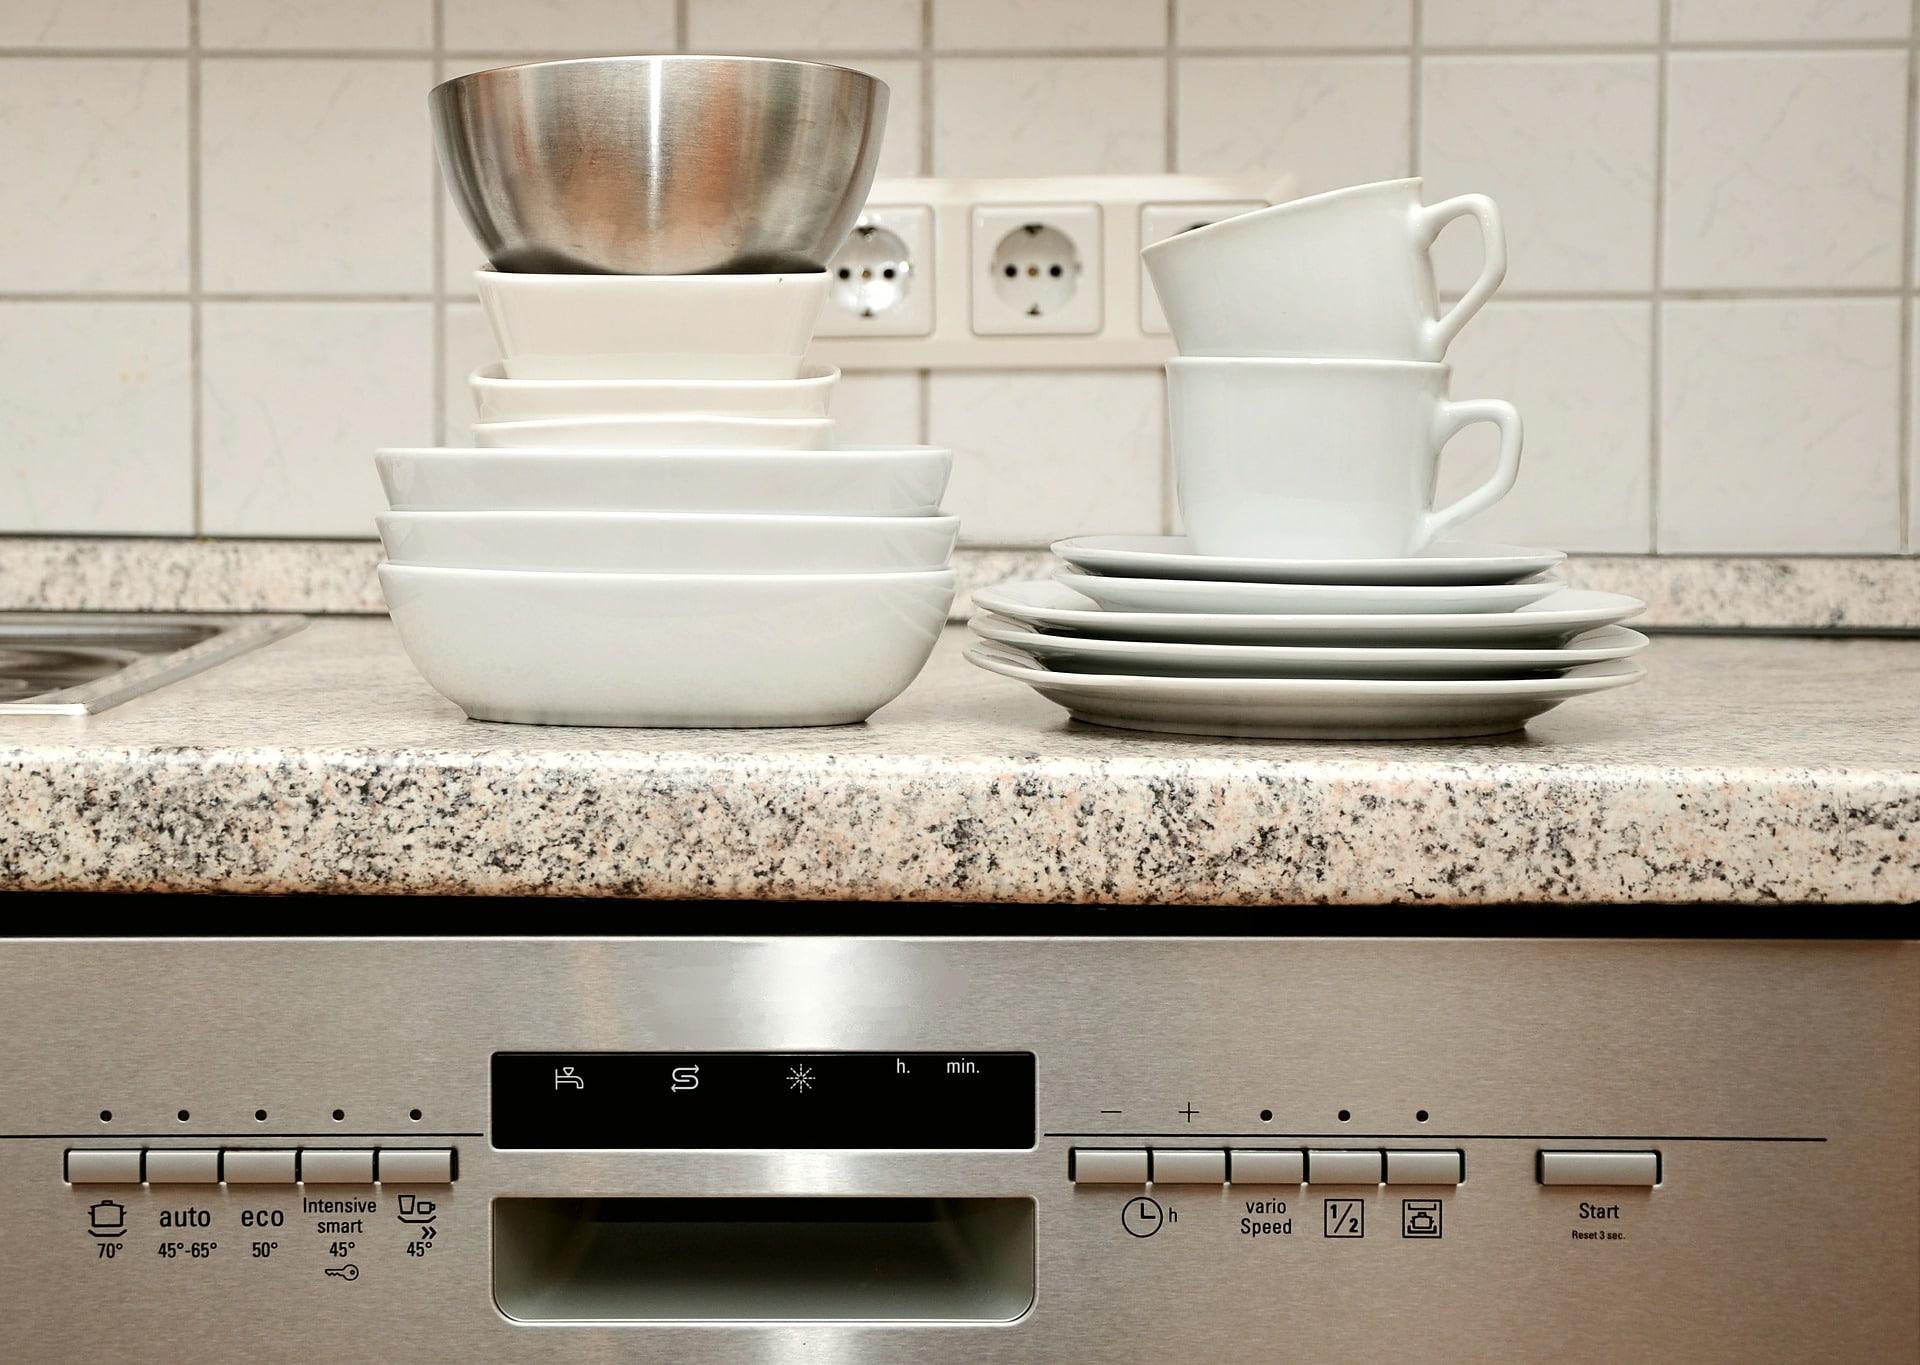 Moderní myčka nádobí spotřebuje méně vody než ruční mytí